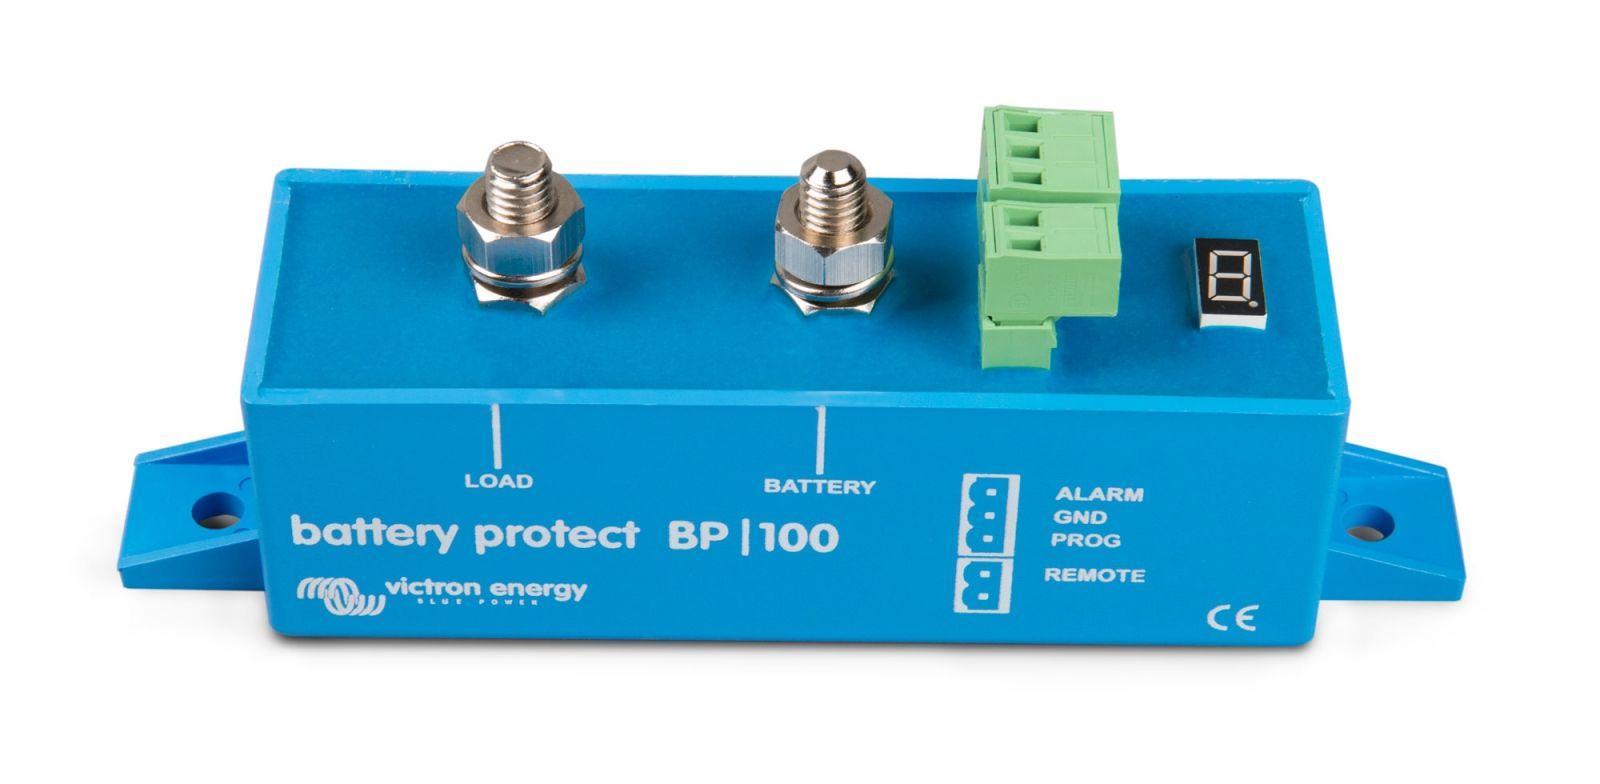 battery protect 12v 24v 100a victron energy. Black Bedroom Furniture Sets. Home Design Ideas